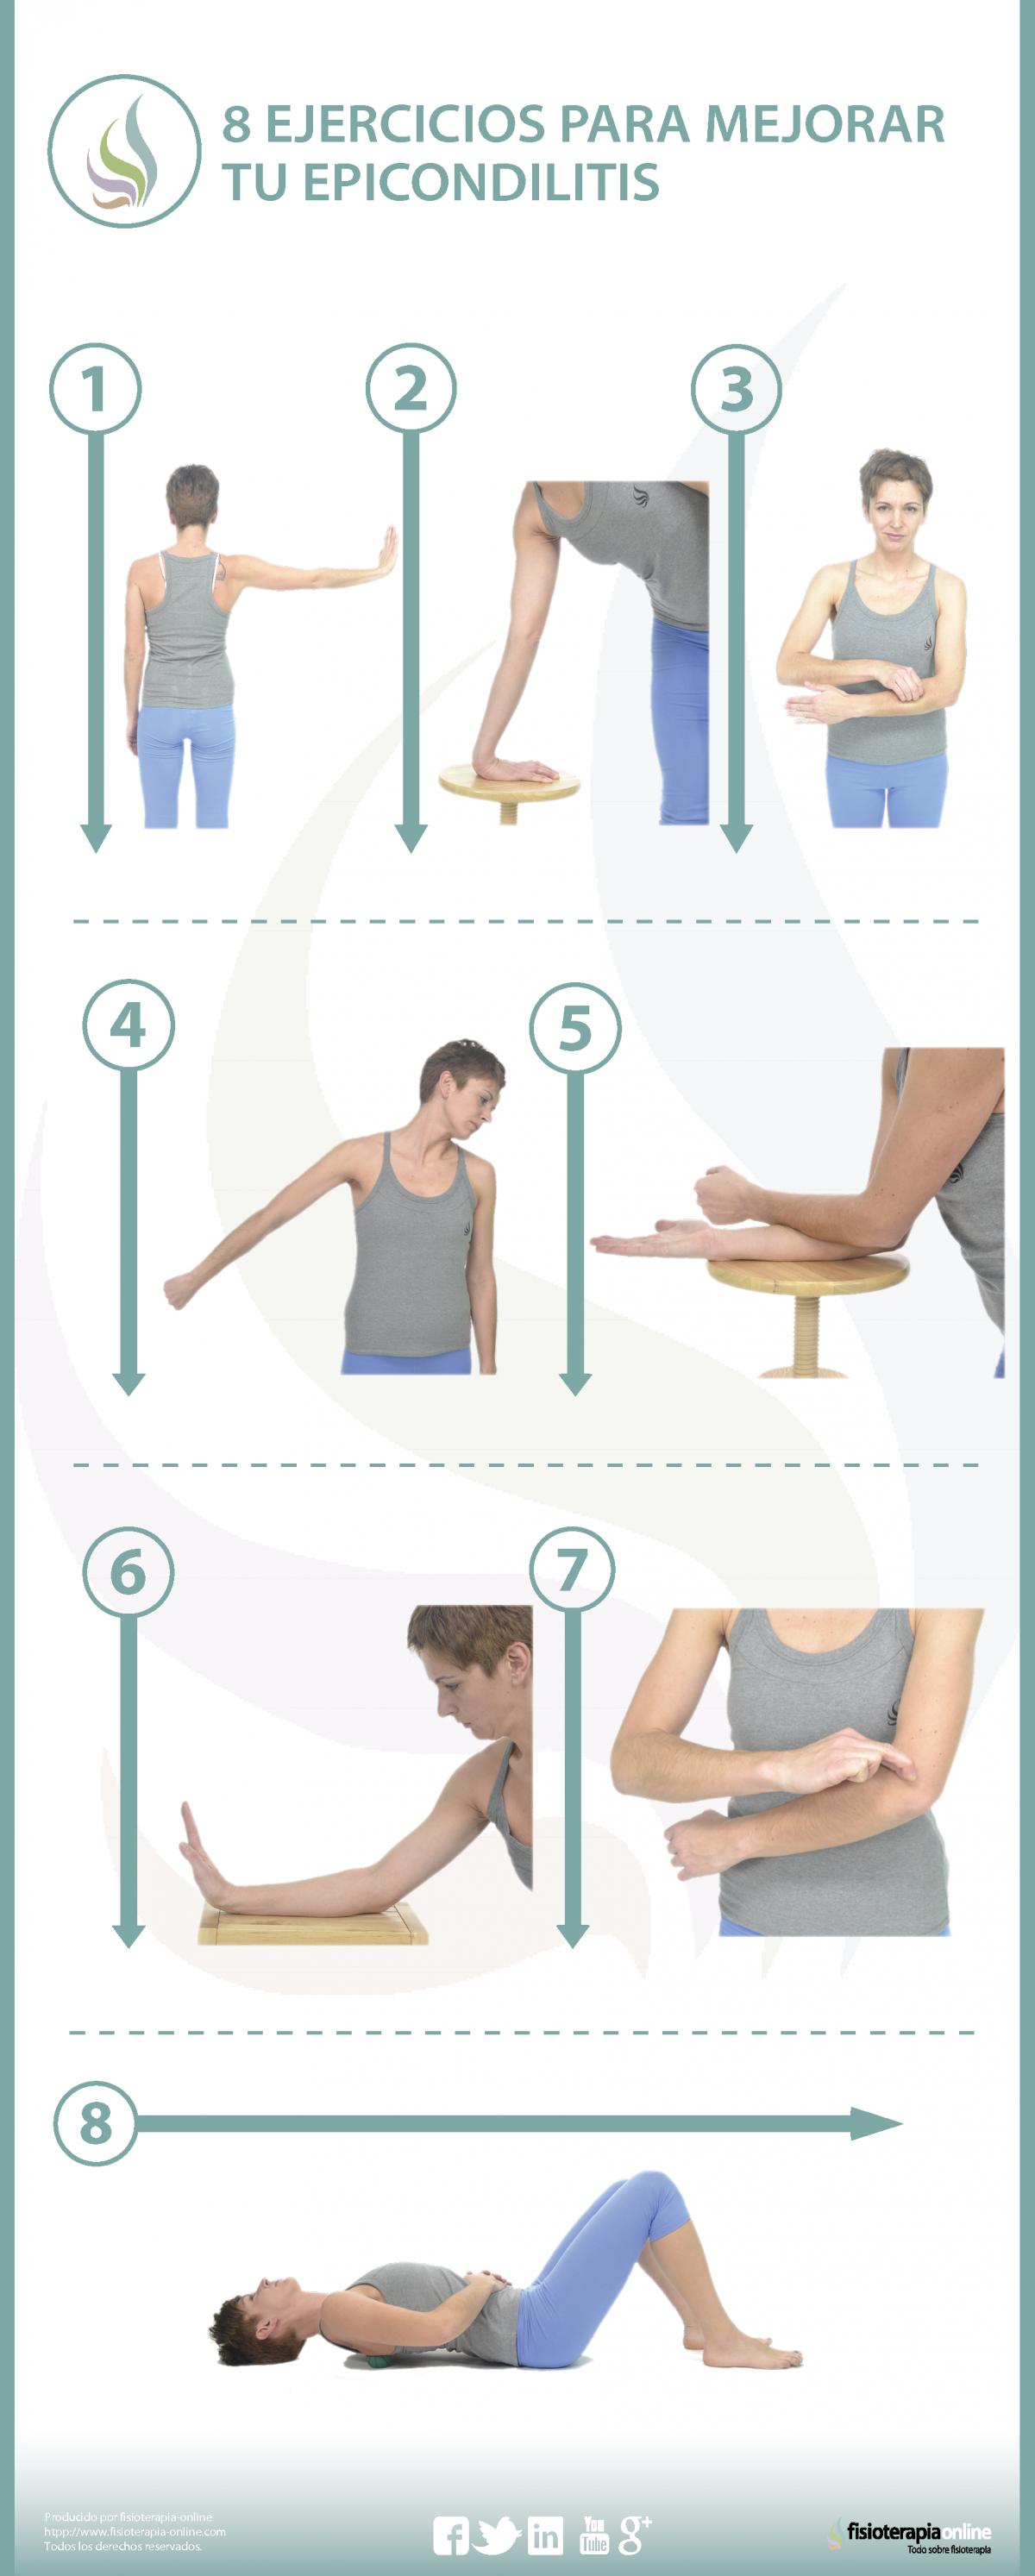 8 ejercicios, estiramientos y automasajes para la epicondilitis